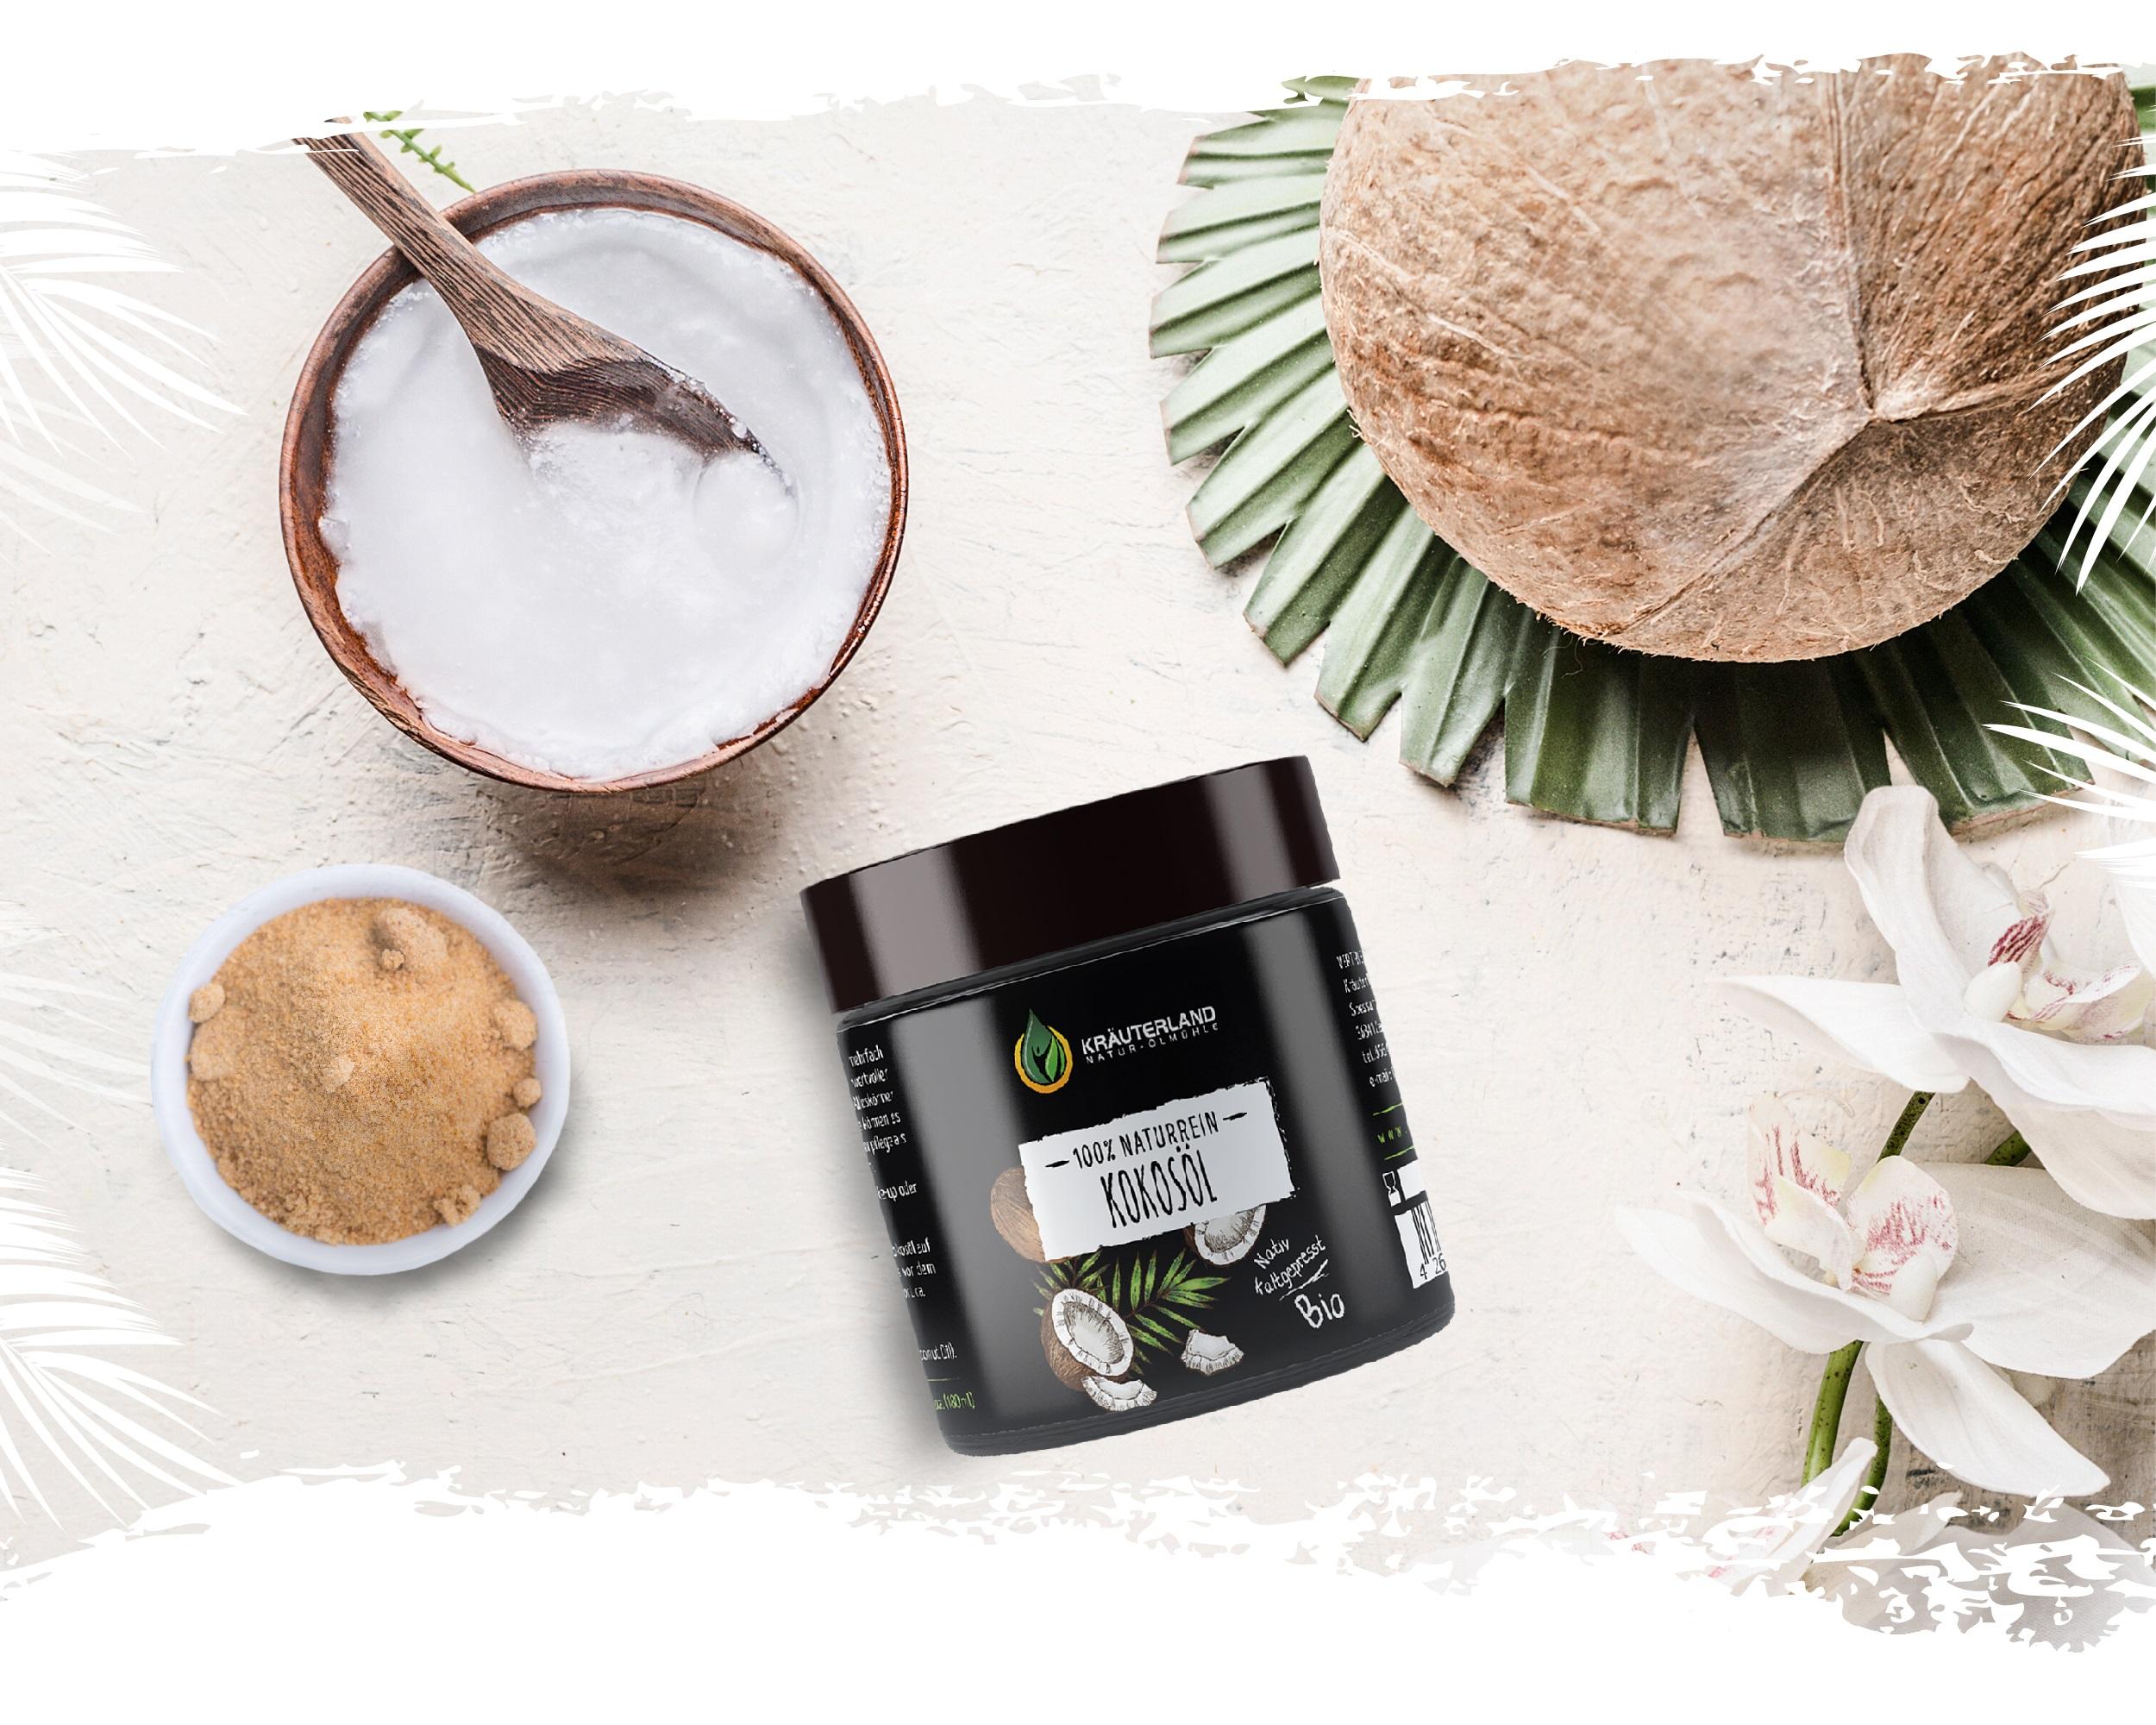 Pflegendes Hautpeeling mit Kokosöl und Kokosblütenzucker ‒ Ganz einfach selber machen